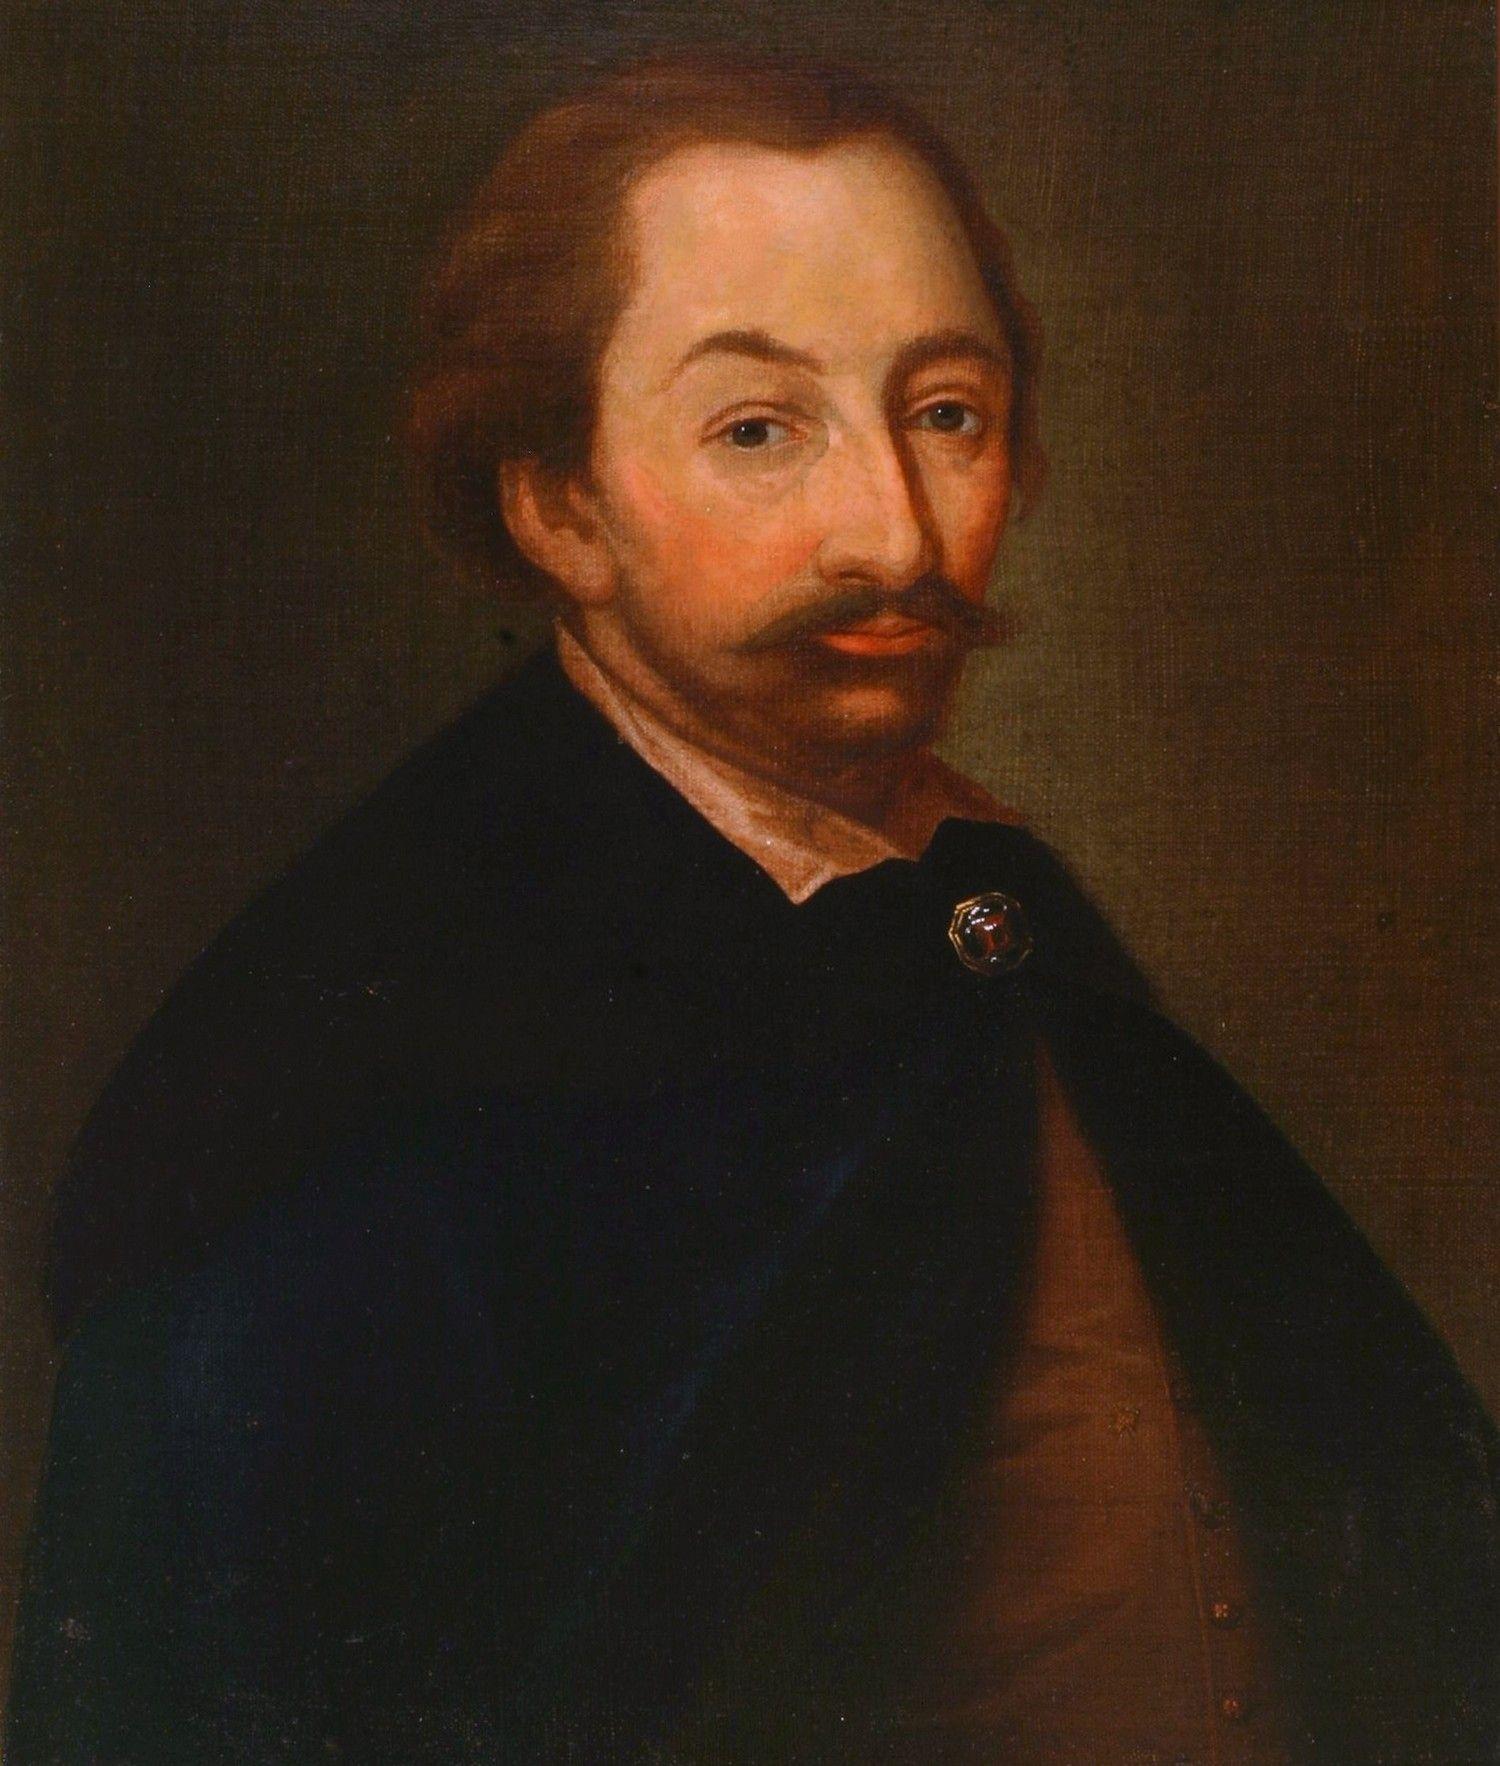 XVII-wieczny portret Stanisława Żółkiewskiego. To dzięki jego geniuszowi odnieśliśmy zwycięstwo pod Kłuszynem.